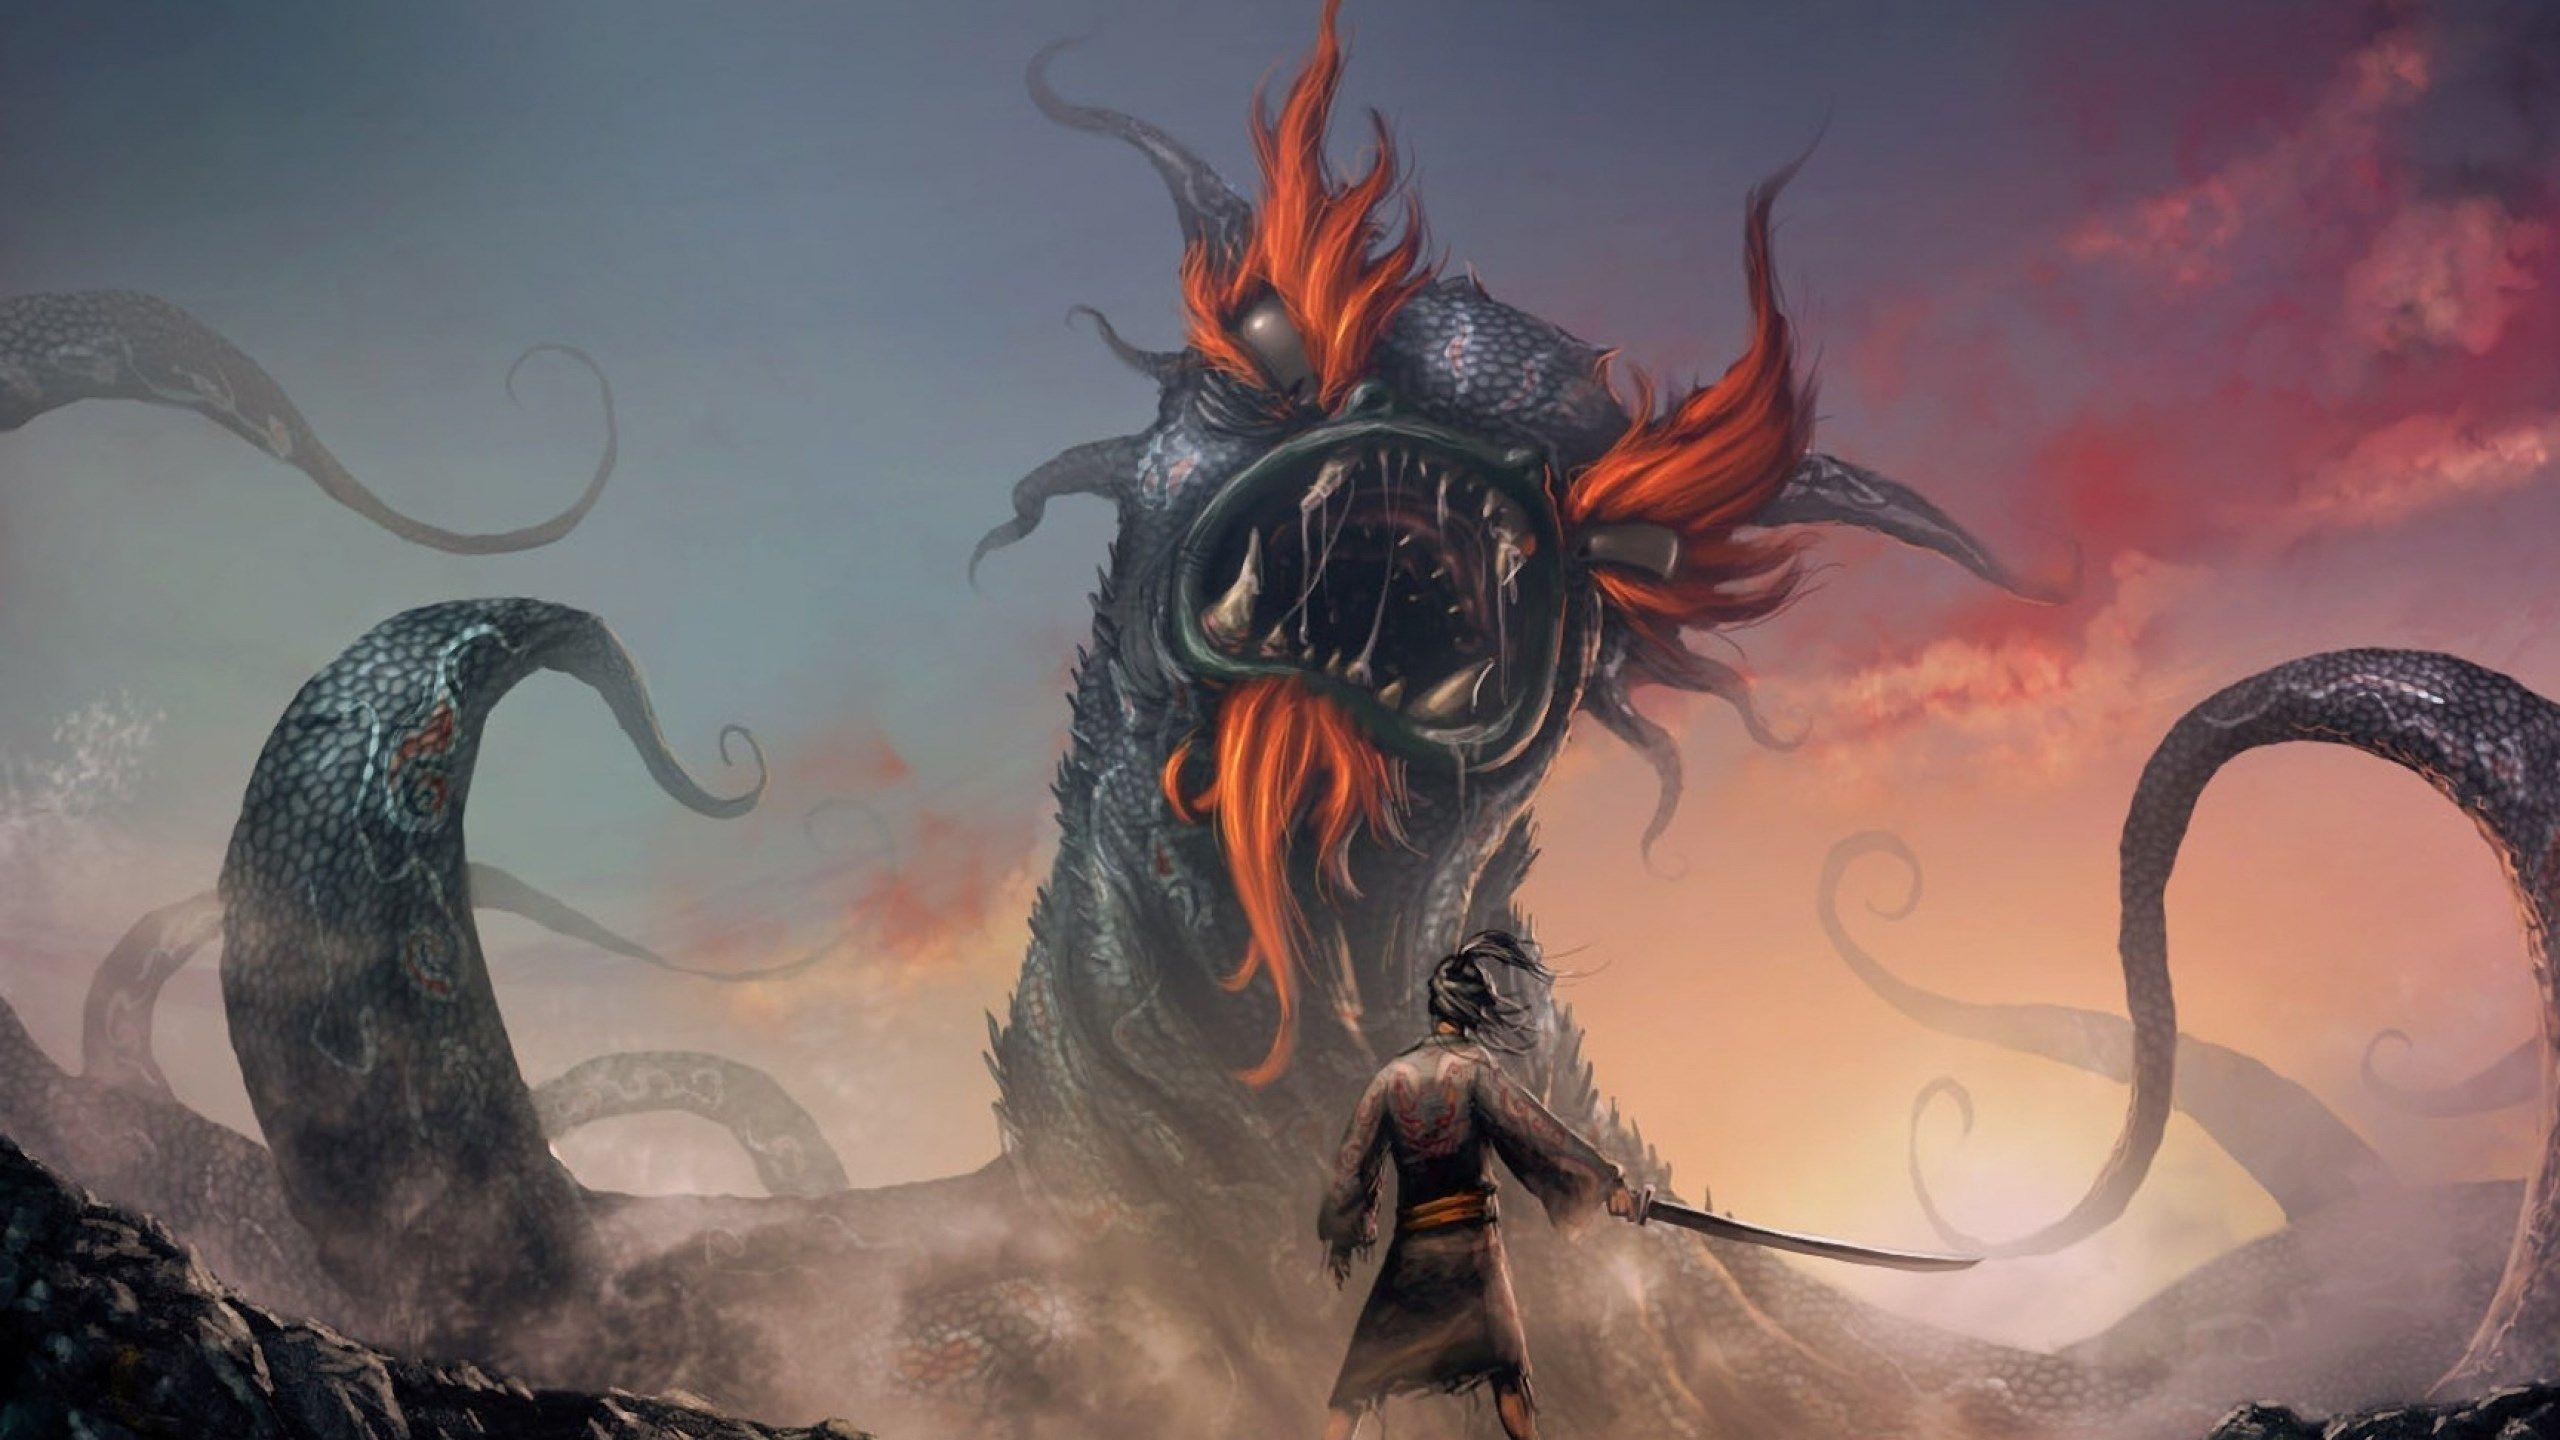 Samurai Jack Wallpapers Top Free Samurai Jack Backgrounds